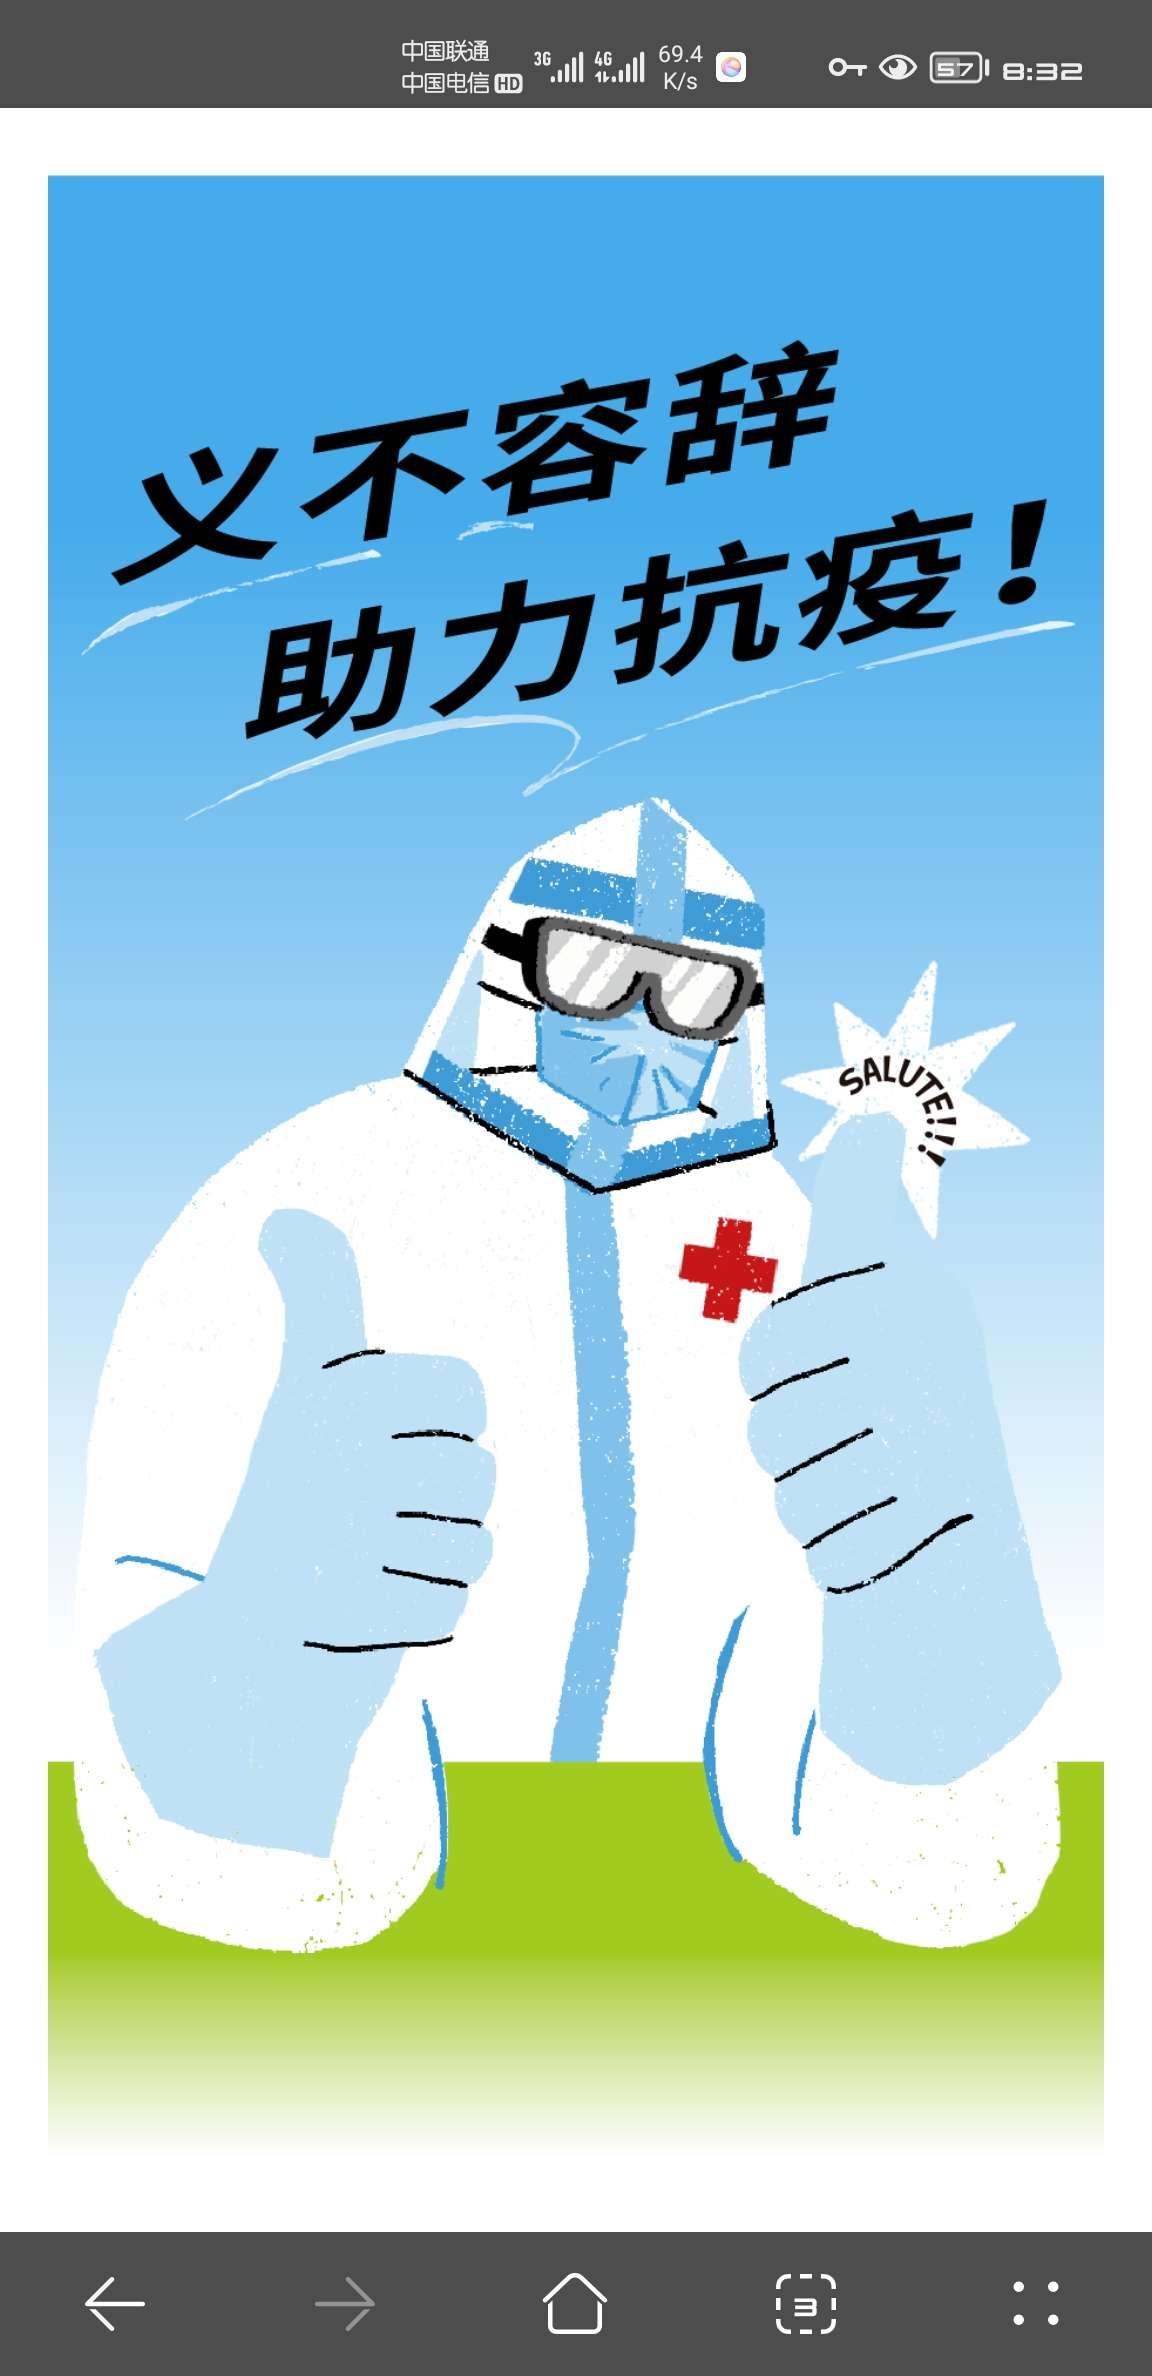 【虚拟物品】医务抗疫人员领奈雪茶插图